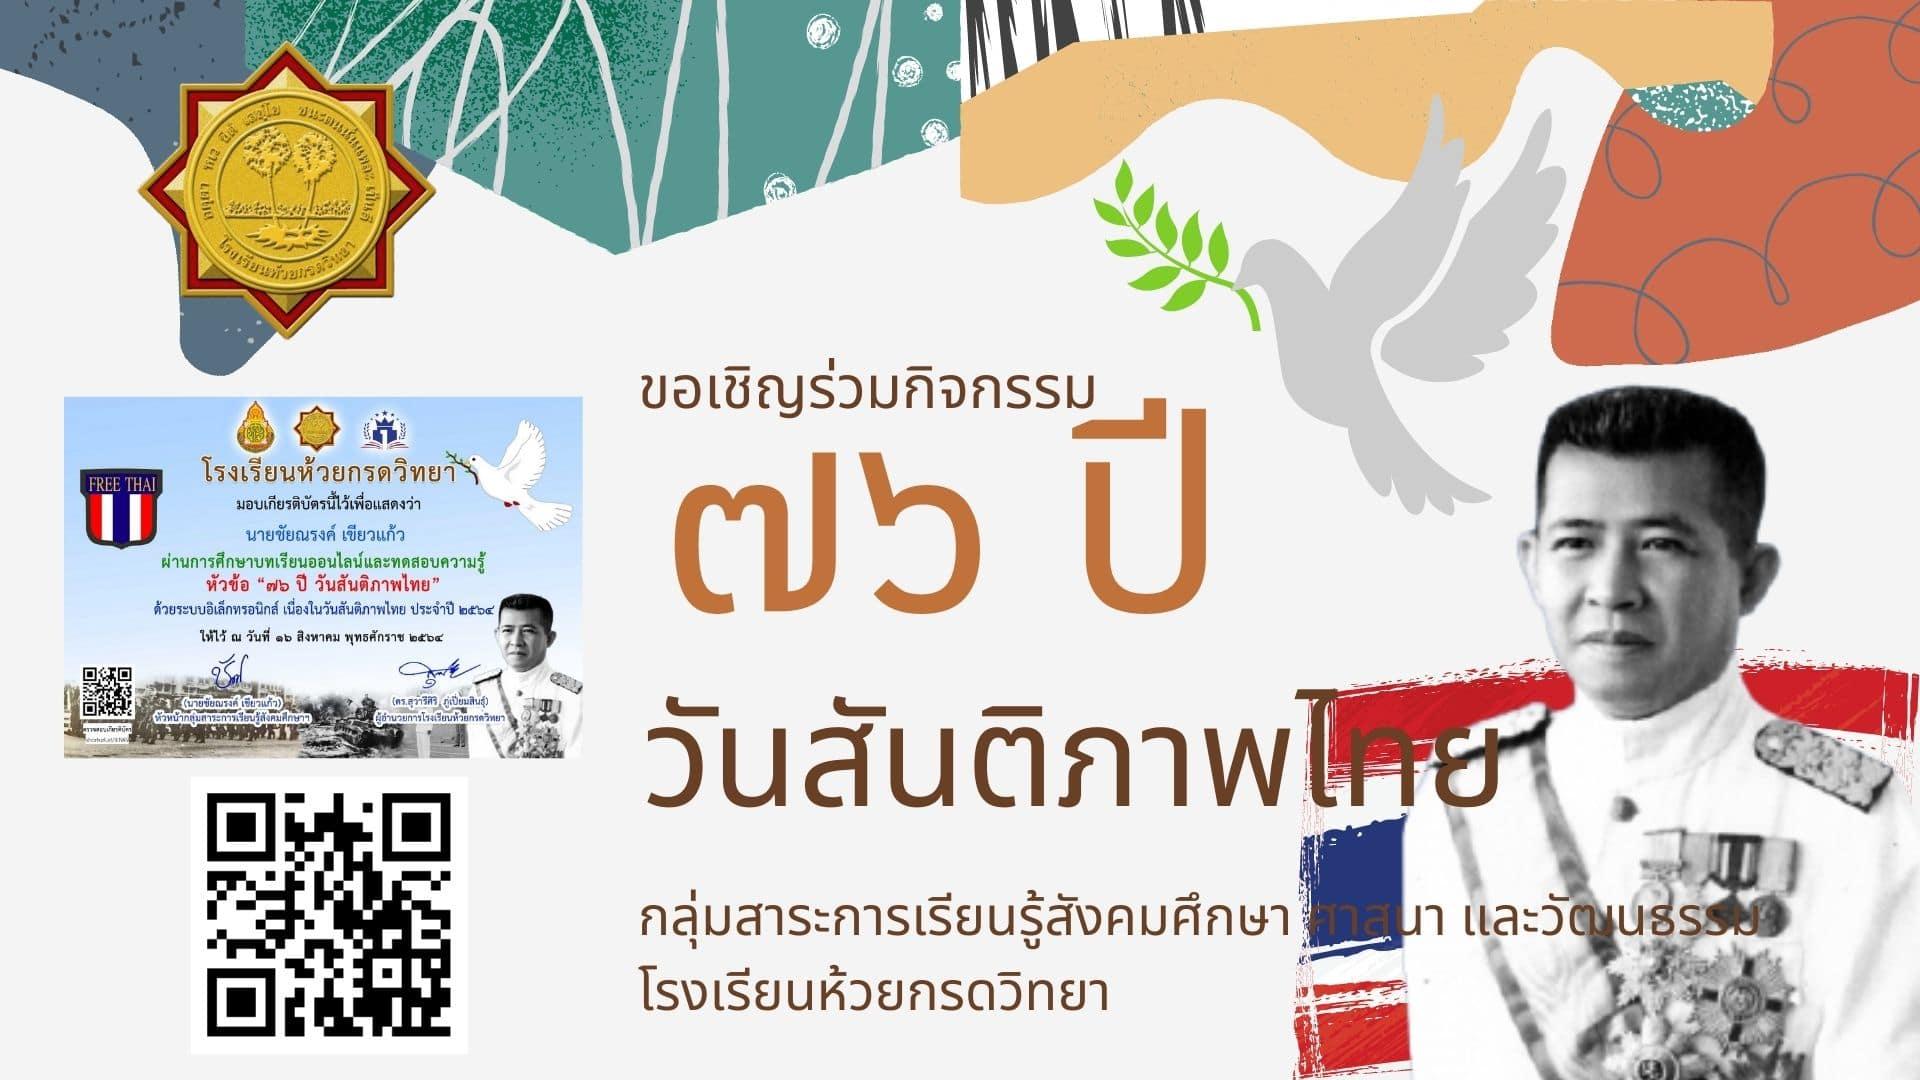 แบบทดสอบออนไลน์ เนื่องในวันครบรอบ 76 ปี วันสันติภาพไทย ผ่านเกณฑ์การทดสอบ ร้อยละ 80 สามารถดาวน์โหลดเกียรติบัตรได้ทันที โดย โรงเรียนห้วยกรดวิทยา